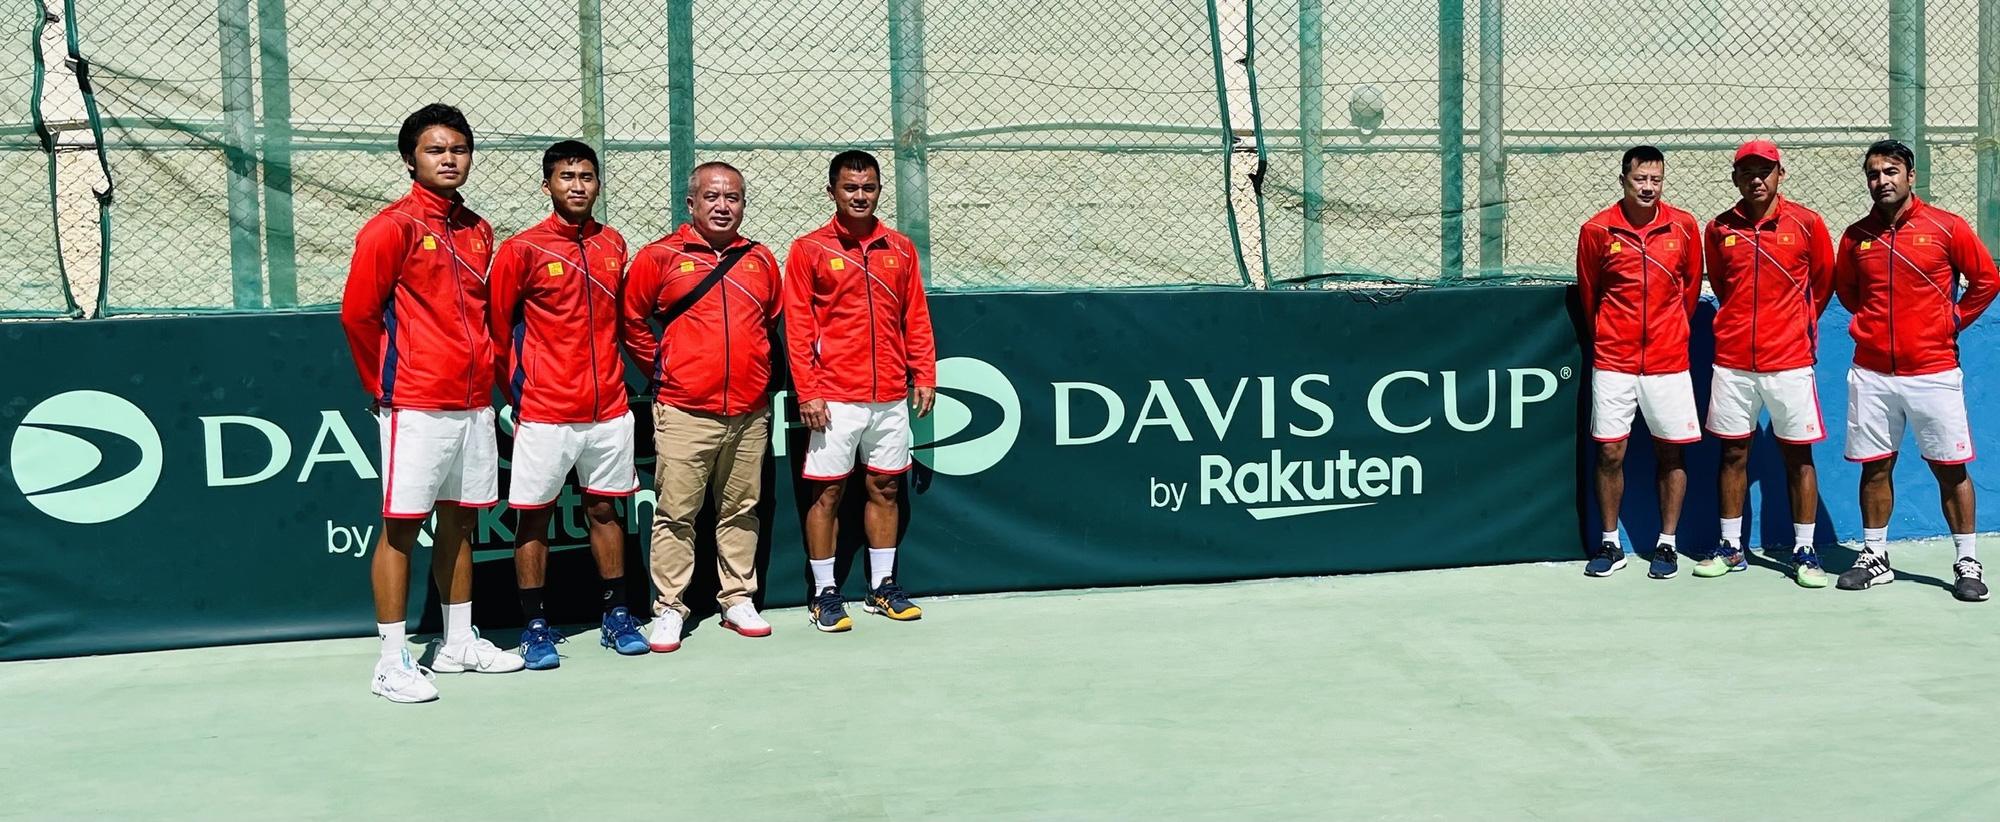 Hình ảnh: Tuyển Davis Cup Việt Nam giành vé play-off Davis Cup nhóm II với thành tích bất bại số 3